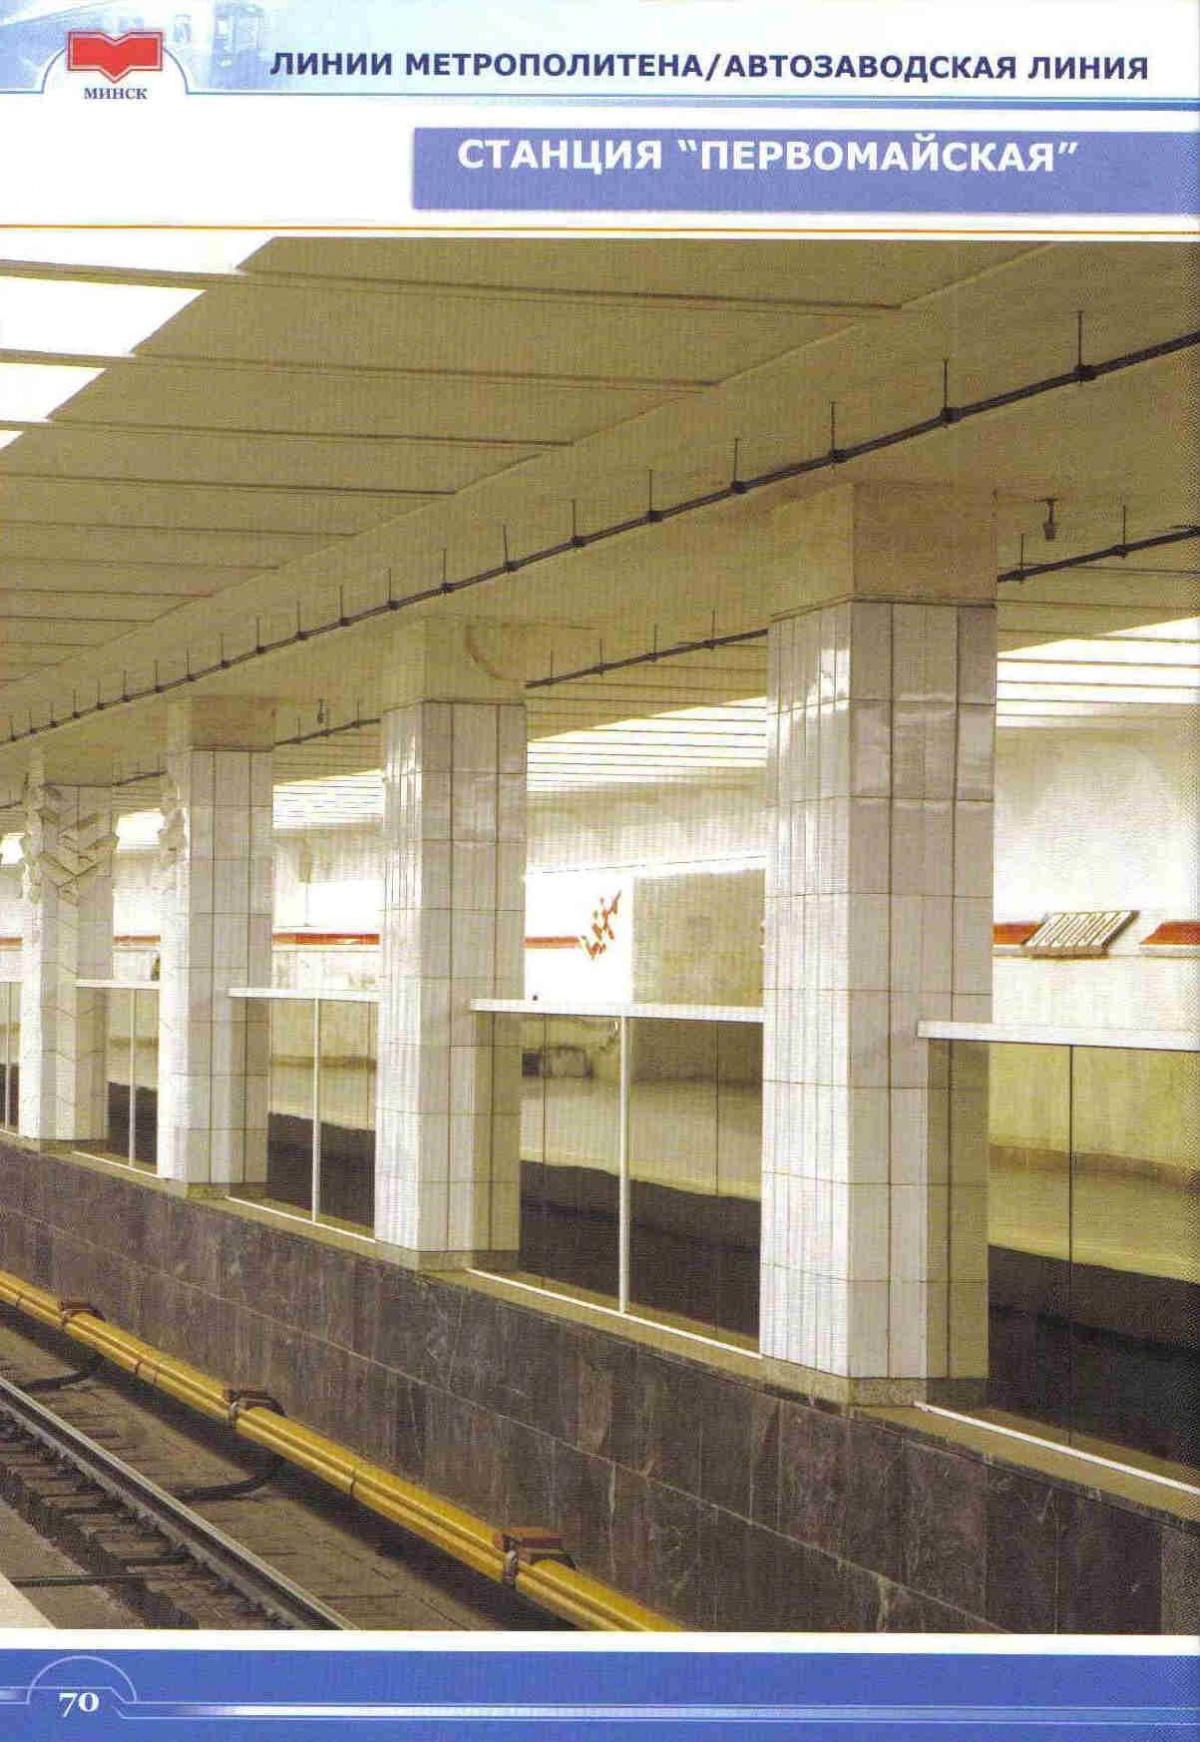 станция метро первомайская минск фото далее